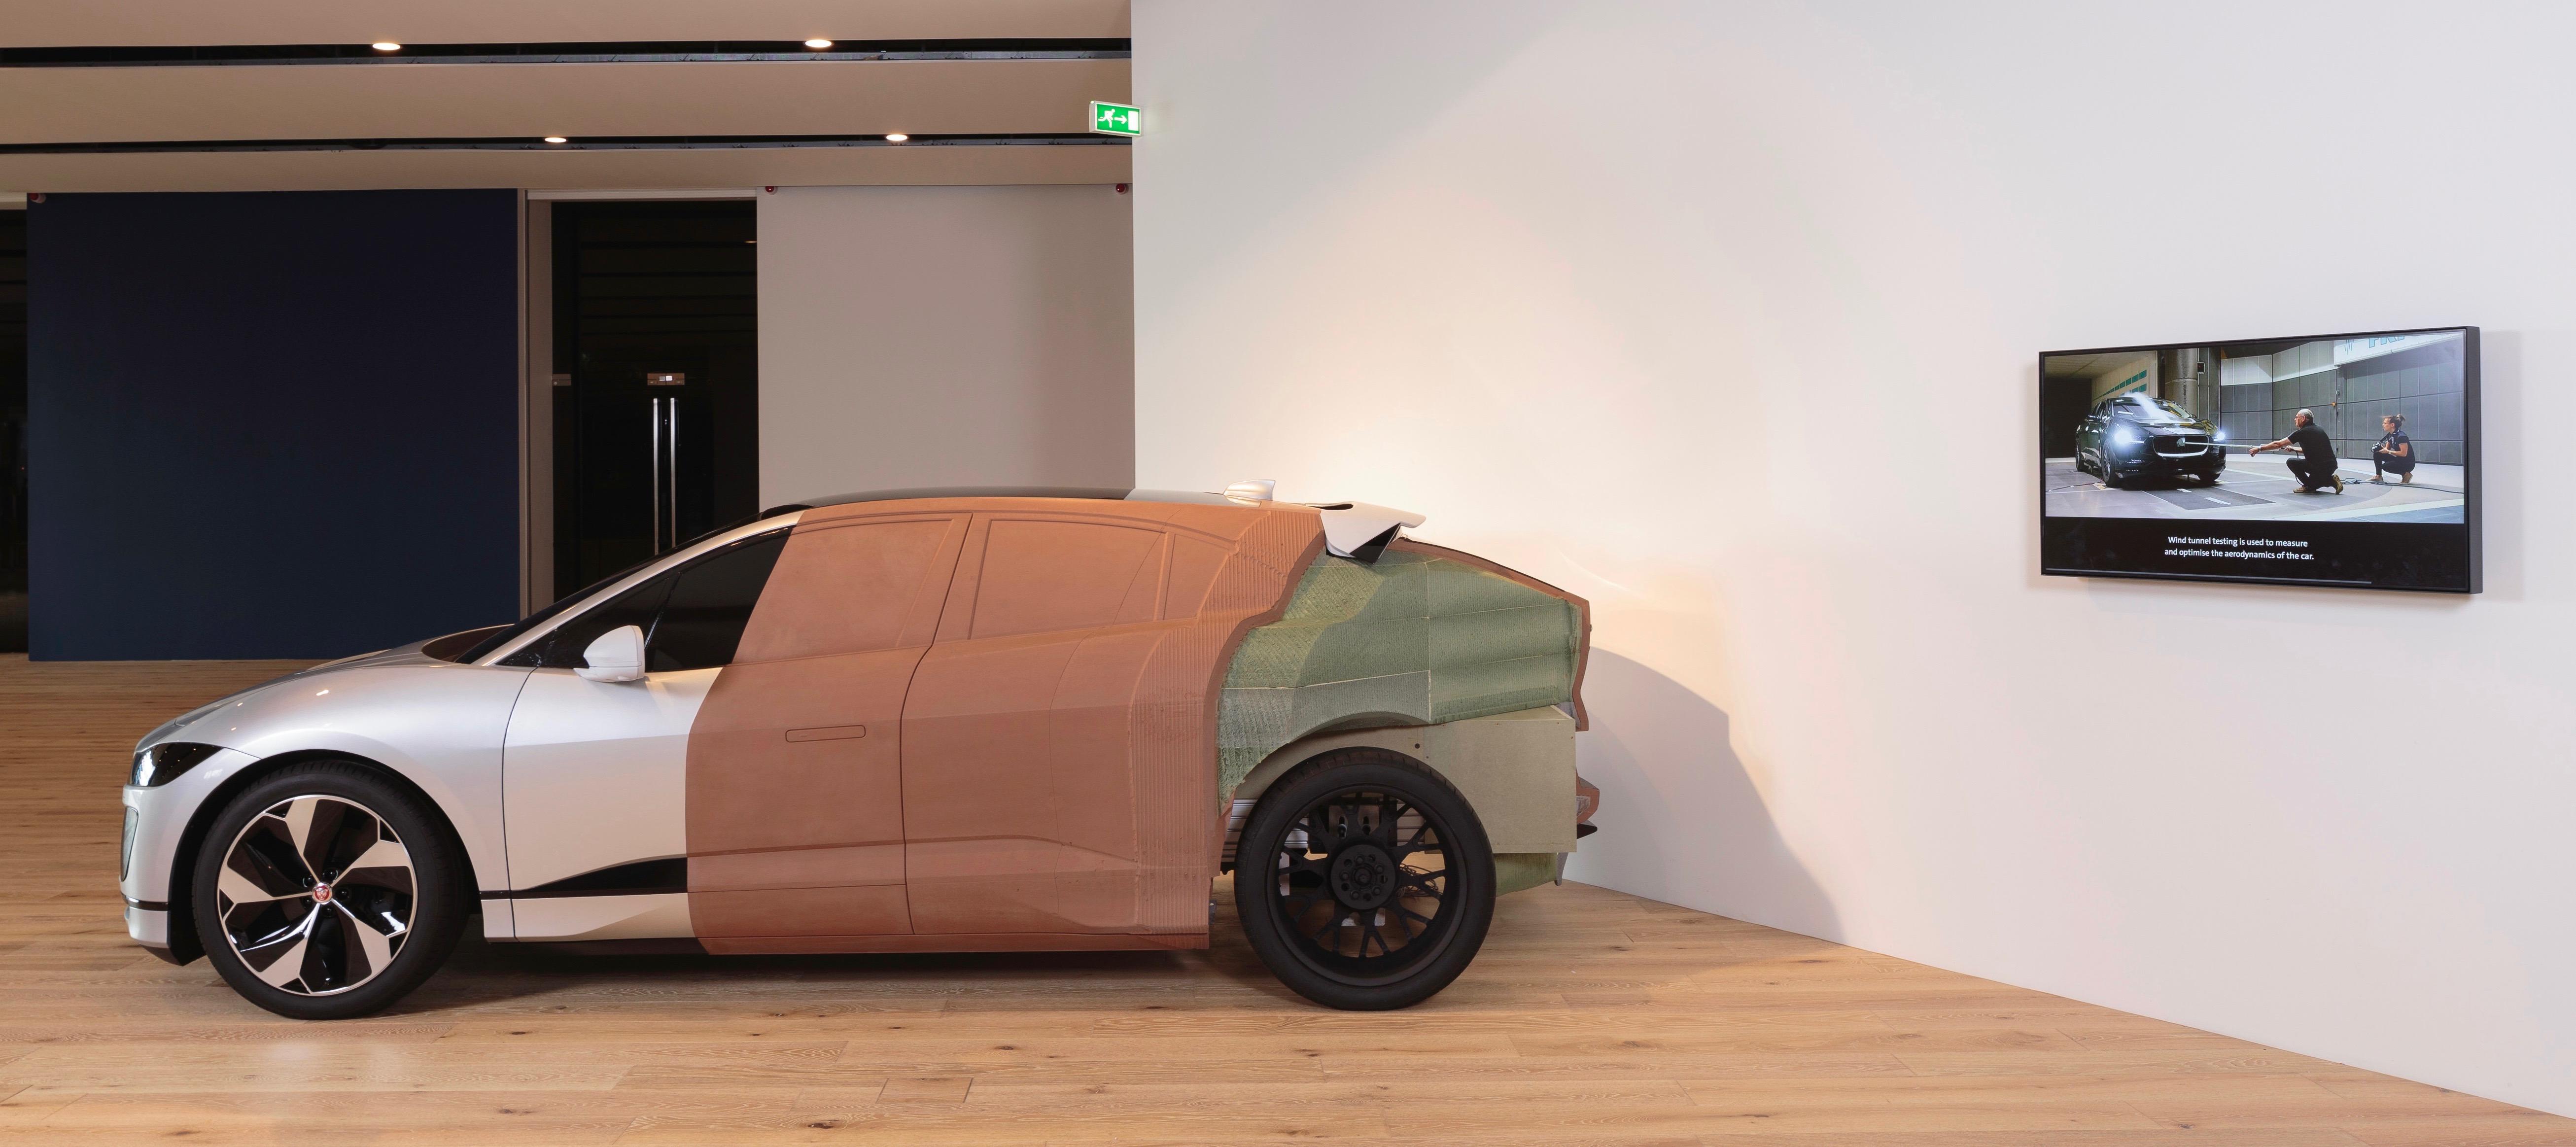 Jaguar, Native son's Jaguar featured as Scottish design museum opens, ClassicCars.com Journal